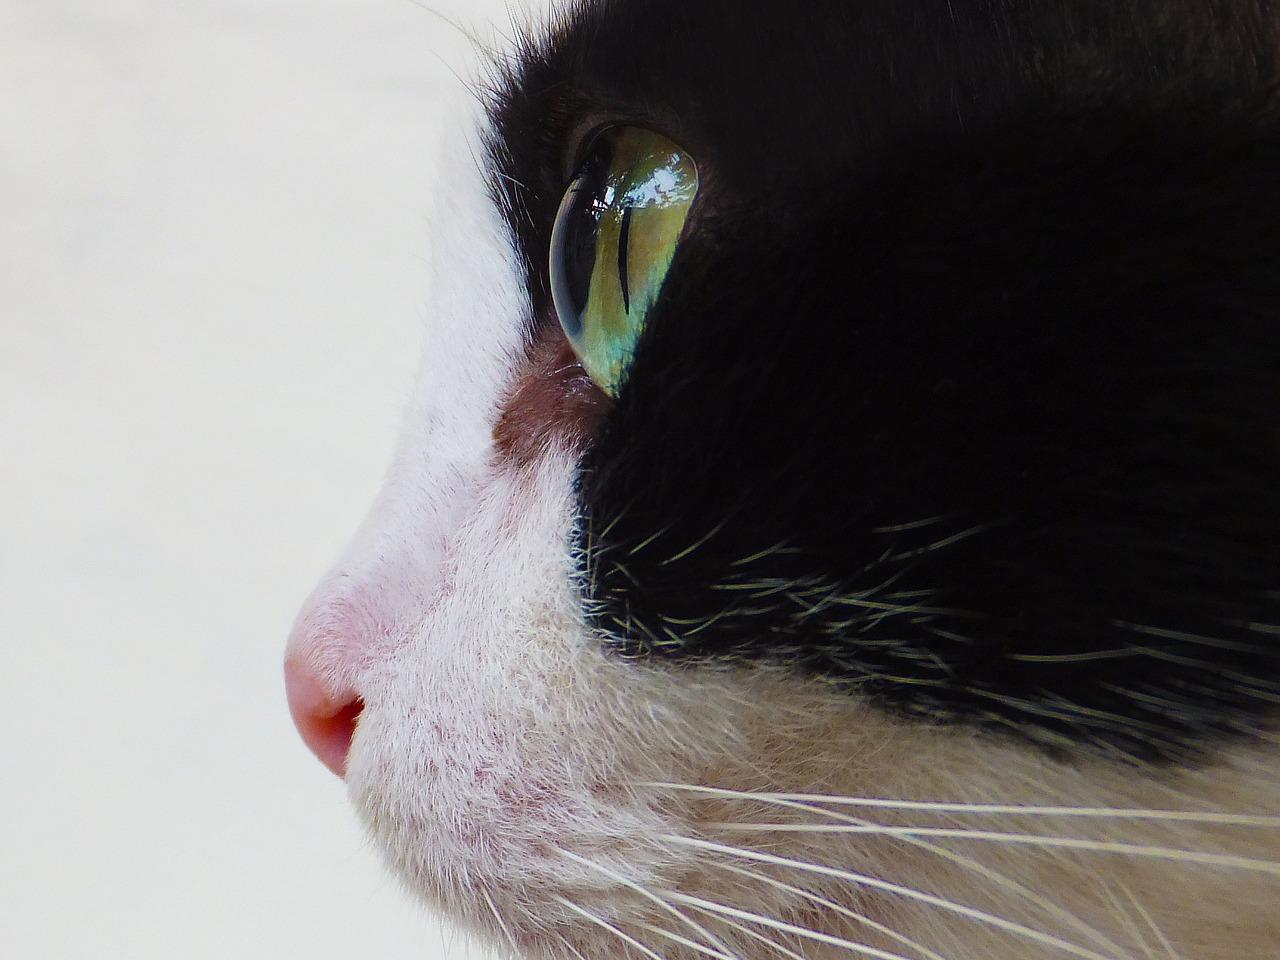 cat-123343_1280